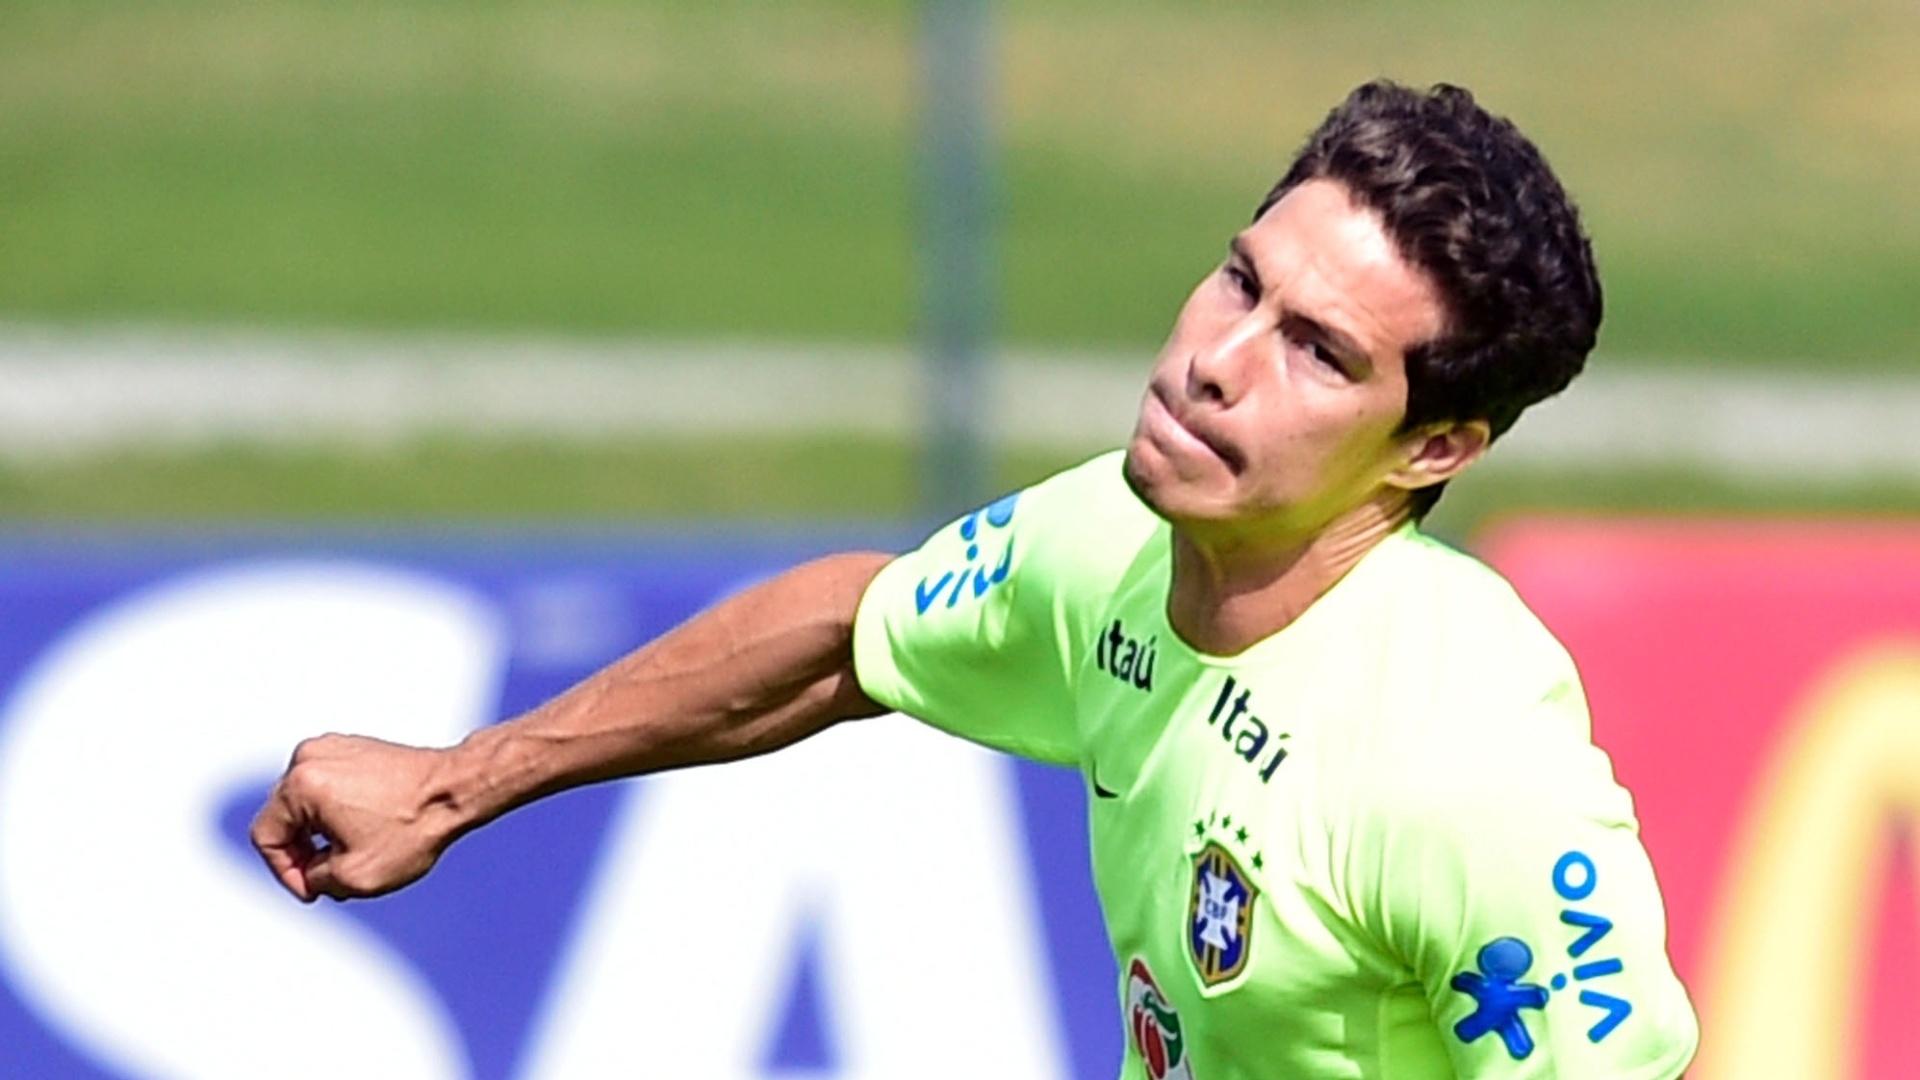 26.jun.2014 - Hernanes corre atrás da bola durante treino da seleção brasileira na Granja Comary, em Teresópolis